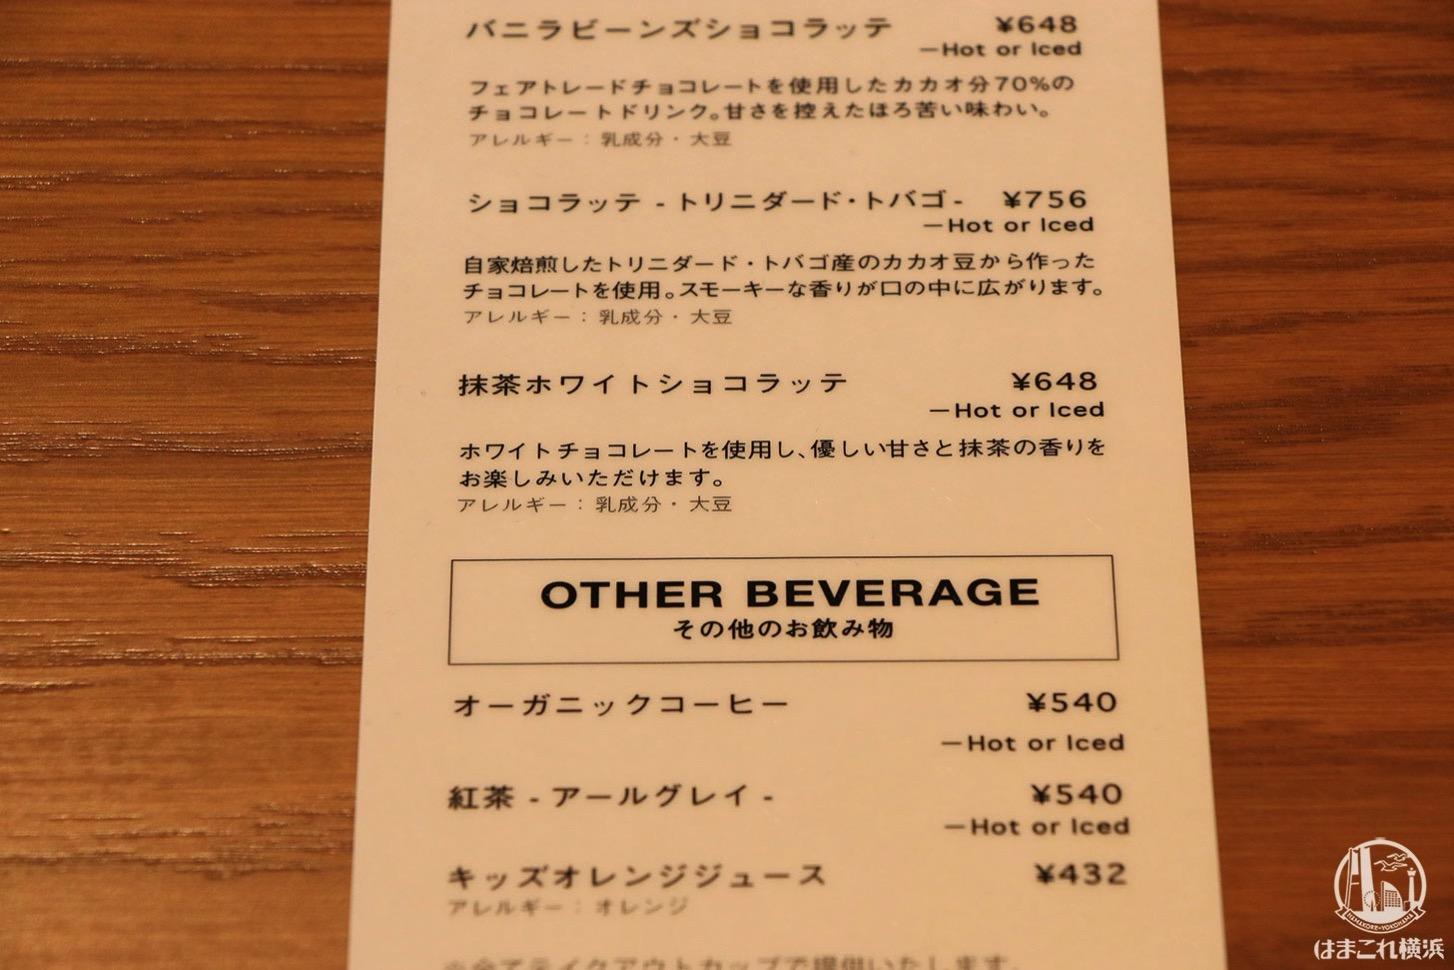 バニラビーンズ 鎌倉店 ドリンクメニュー